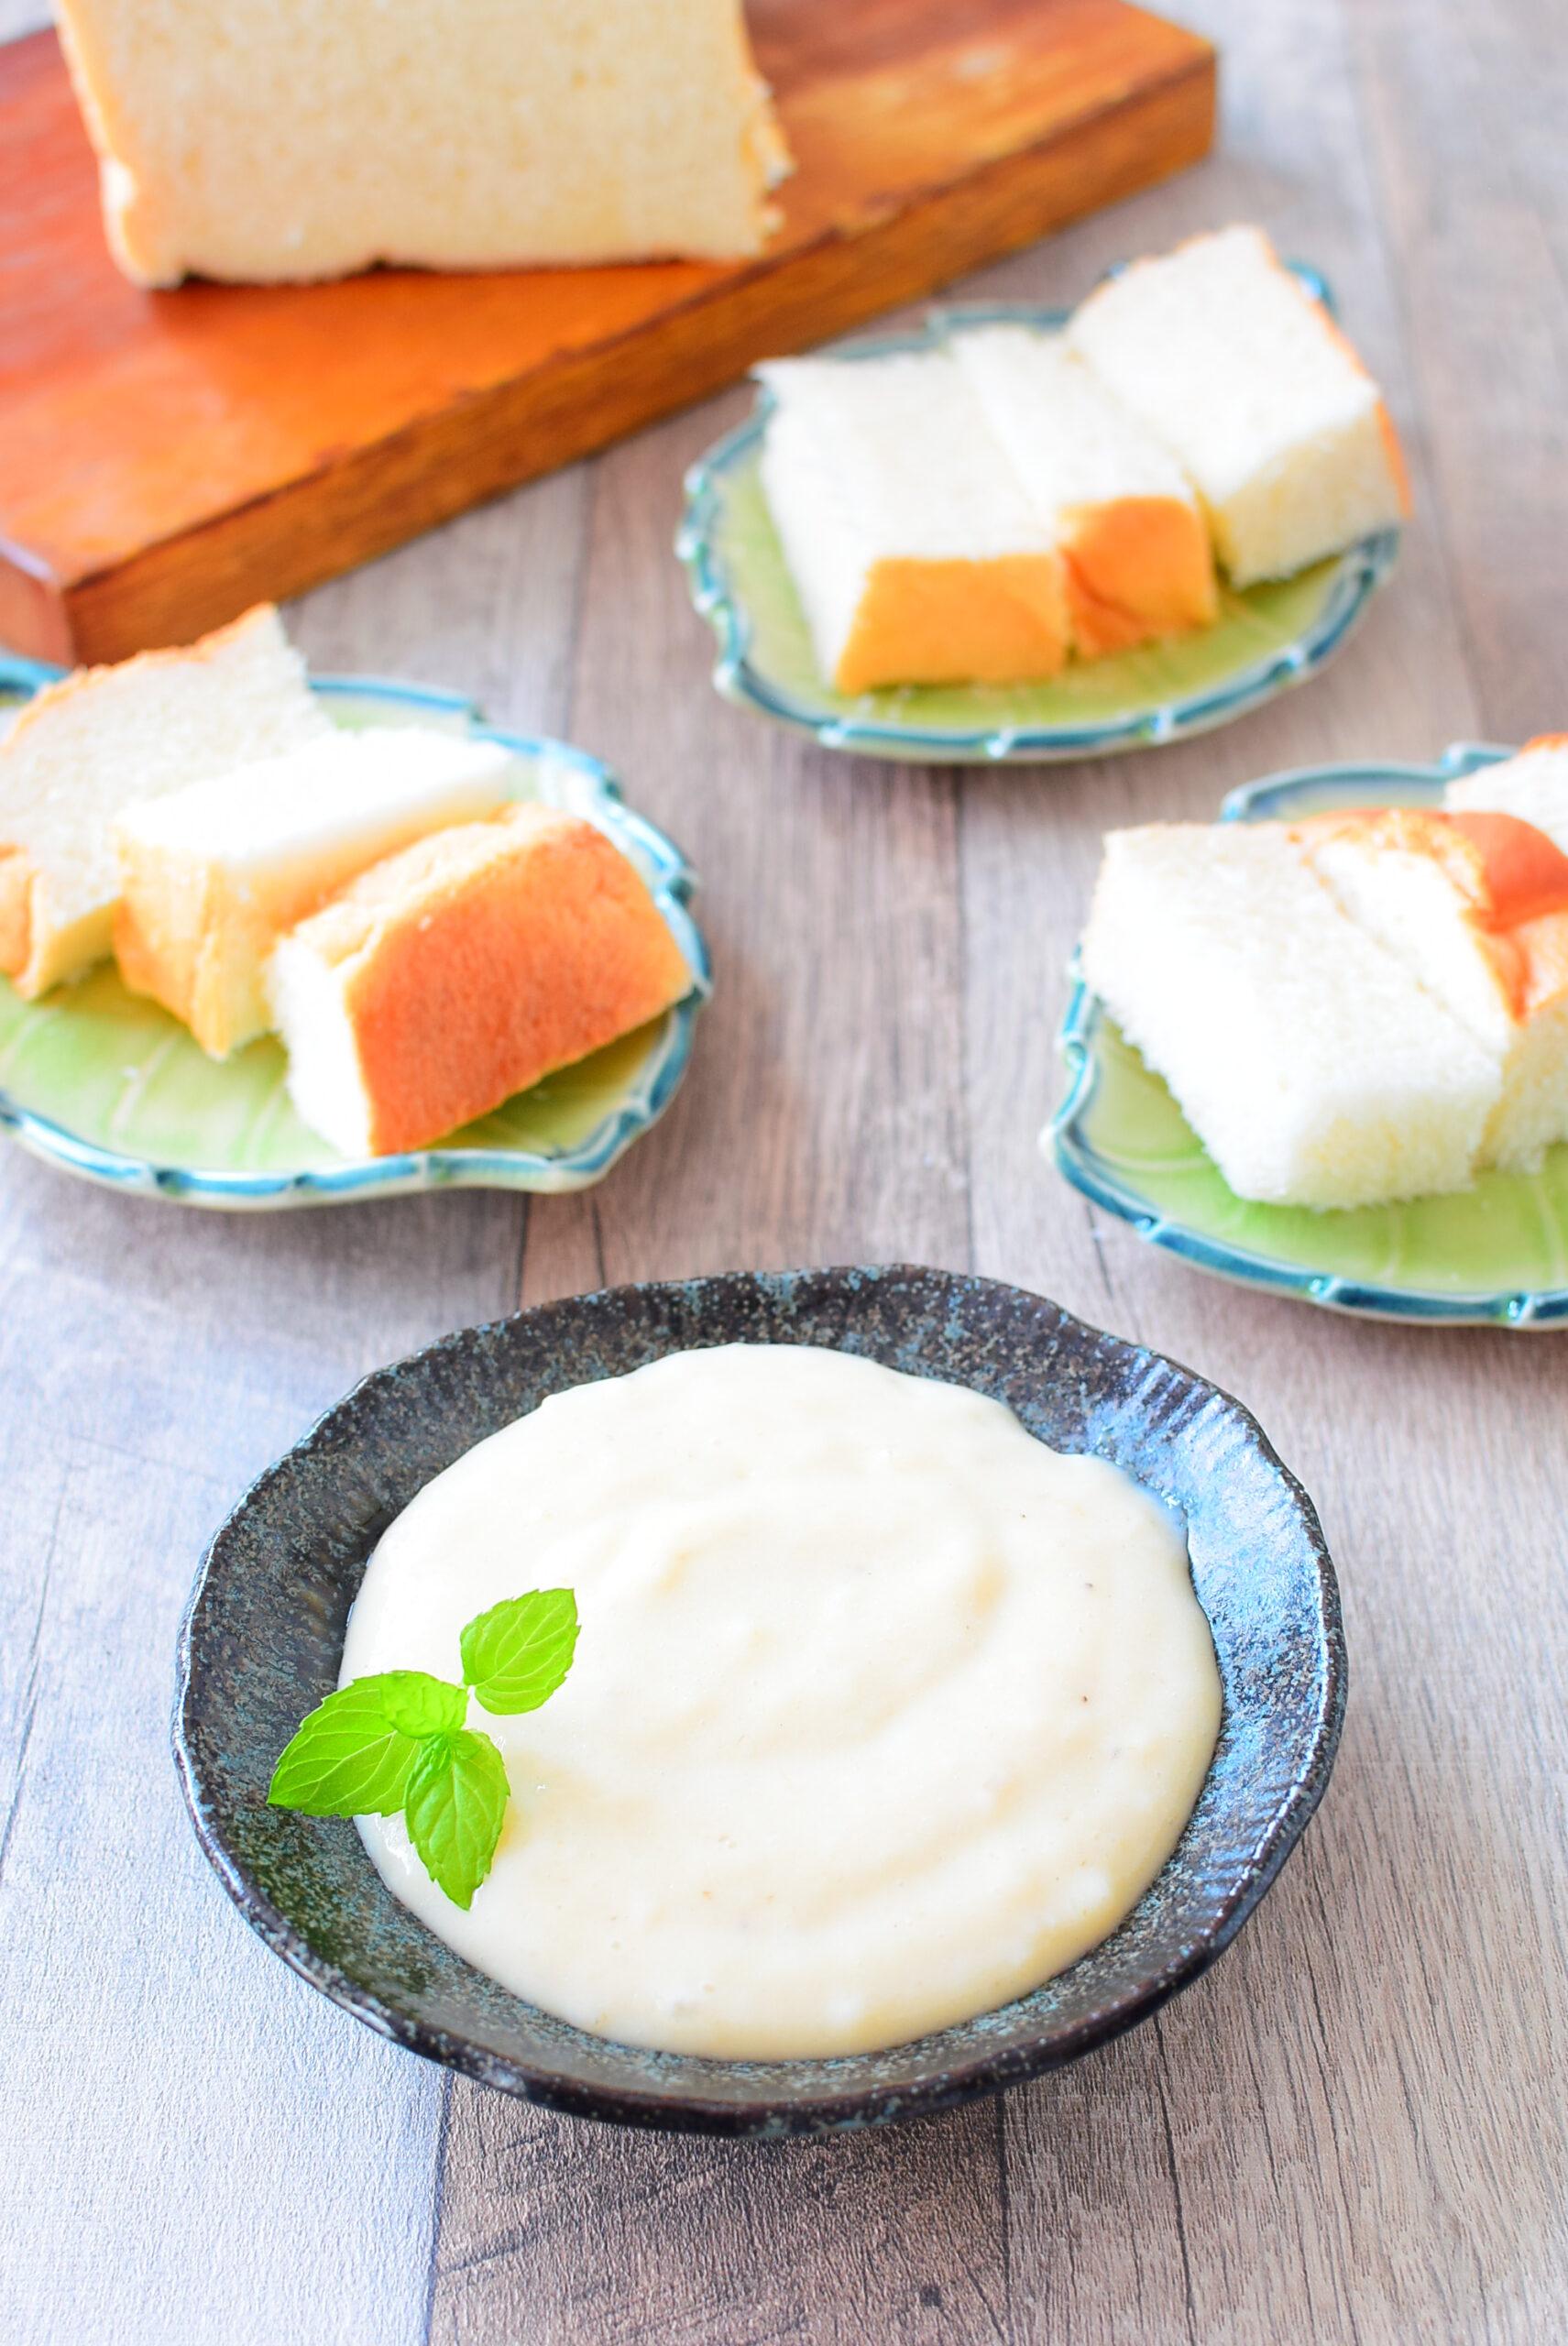 【食パンやアイスに】バナナミルククリームのレシピの写真